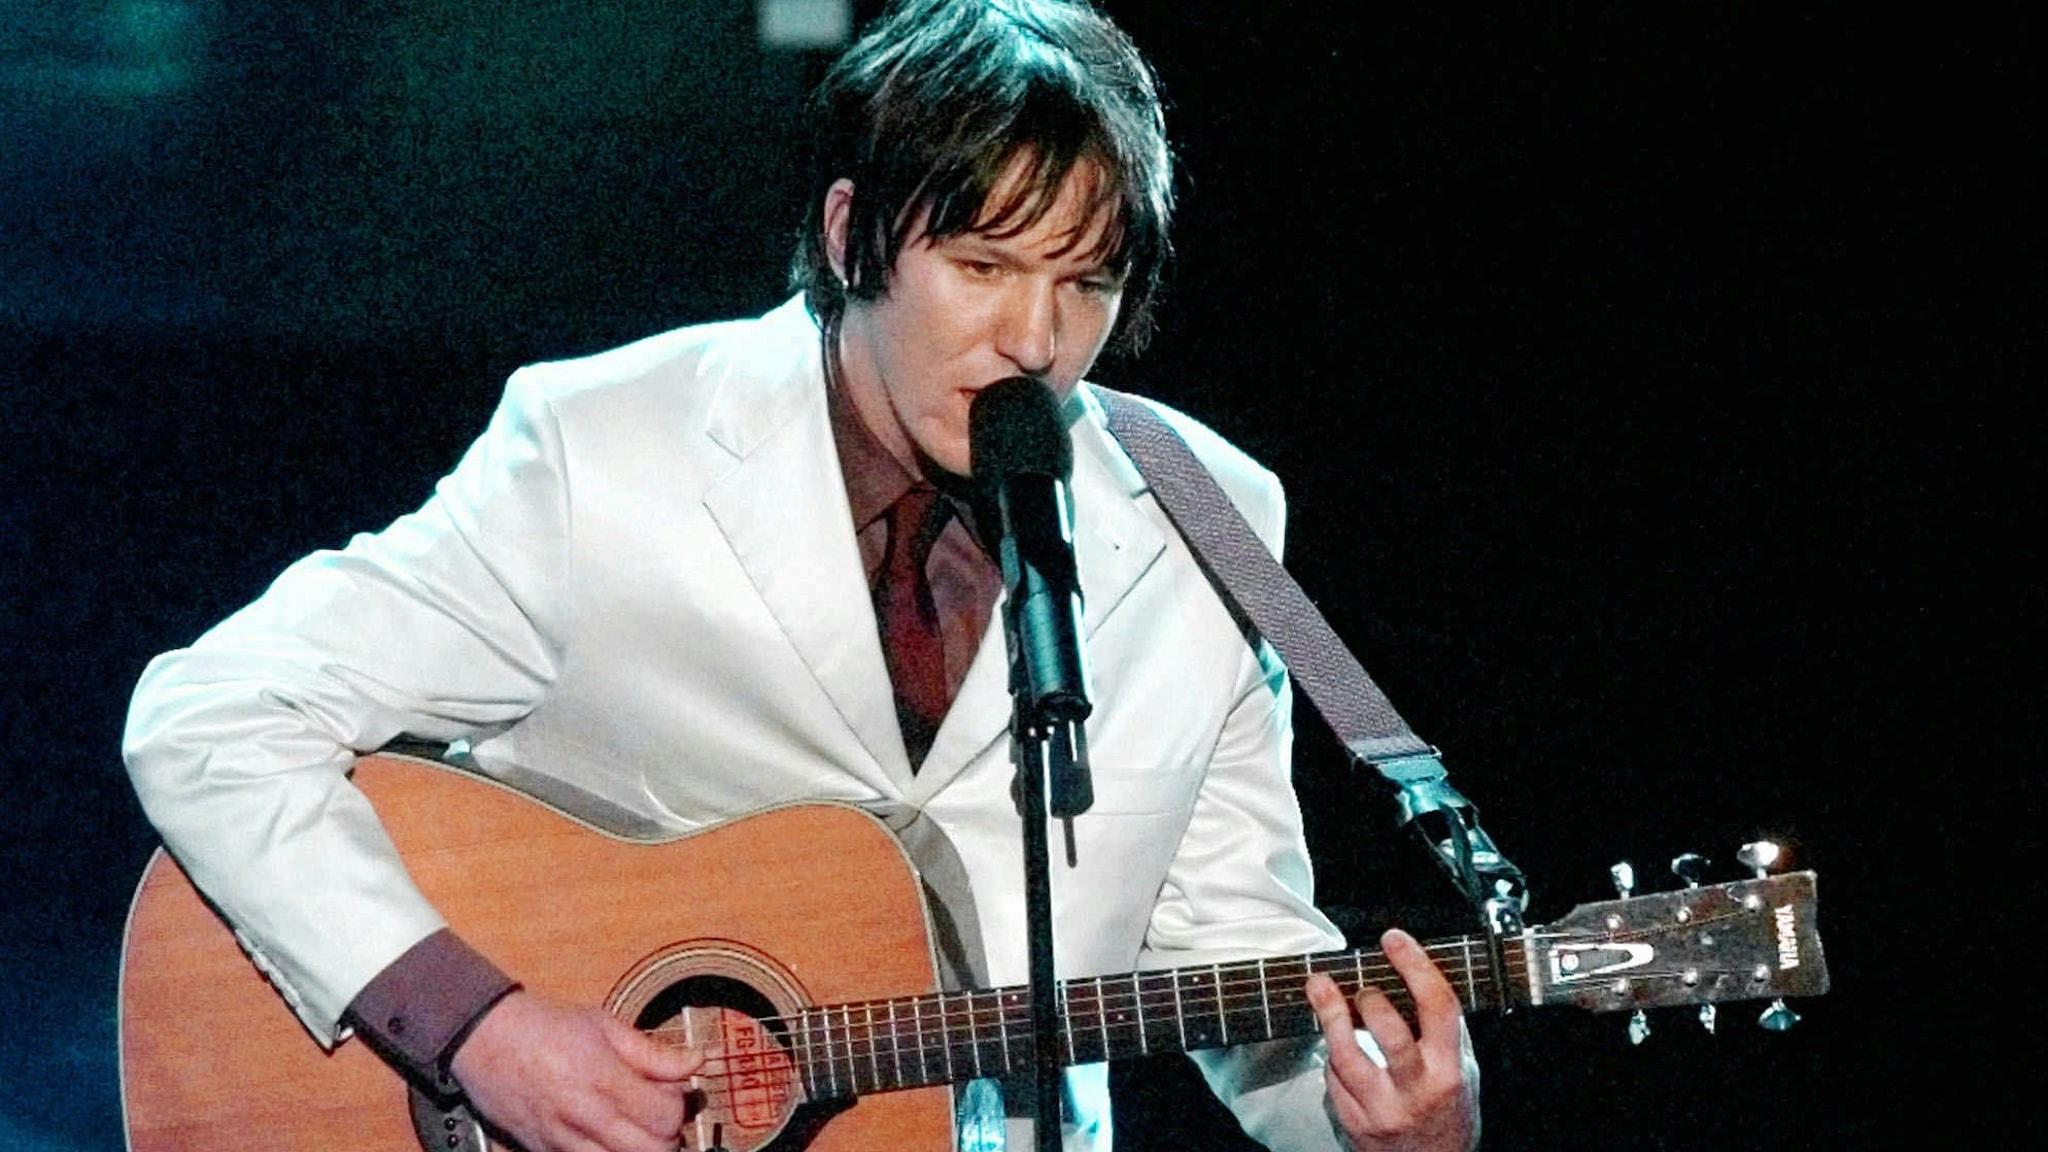 Man i vit kostym står på scen med gitarr i handen.